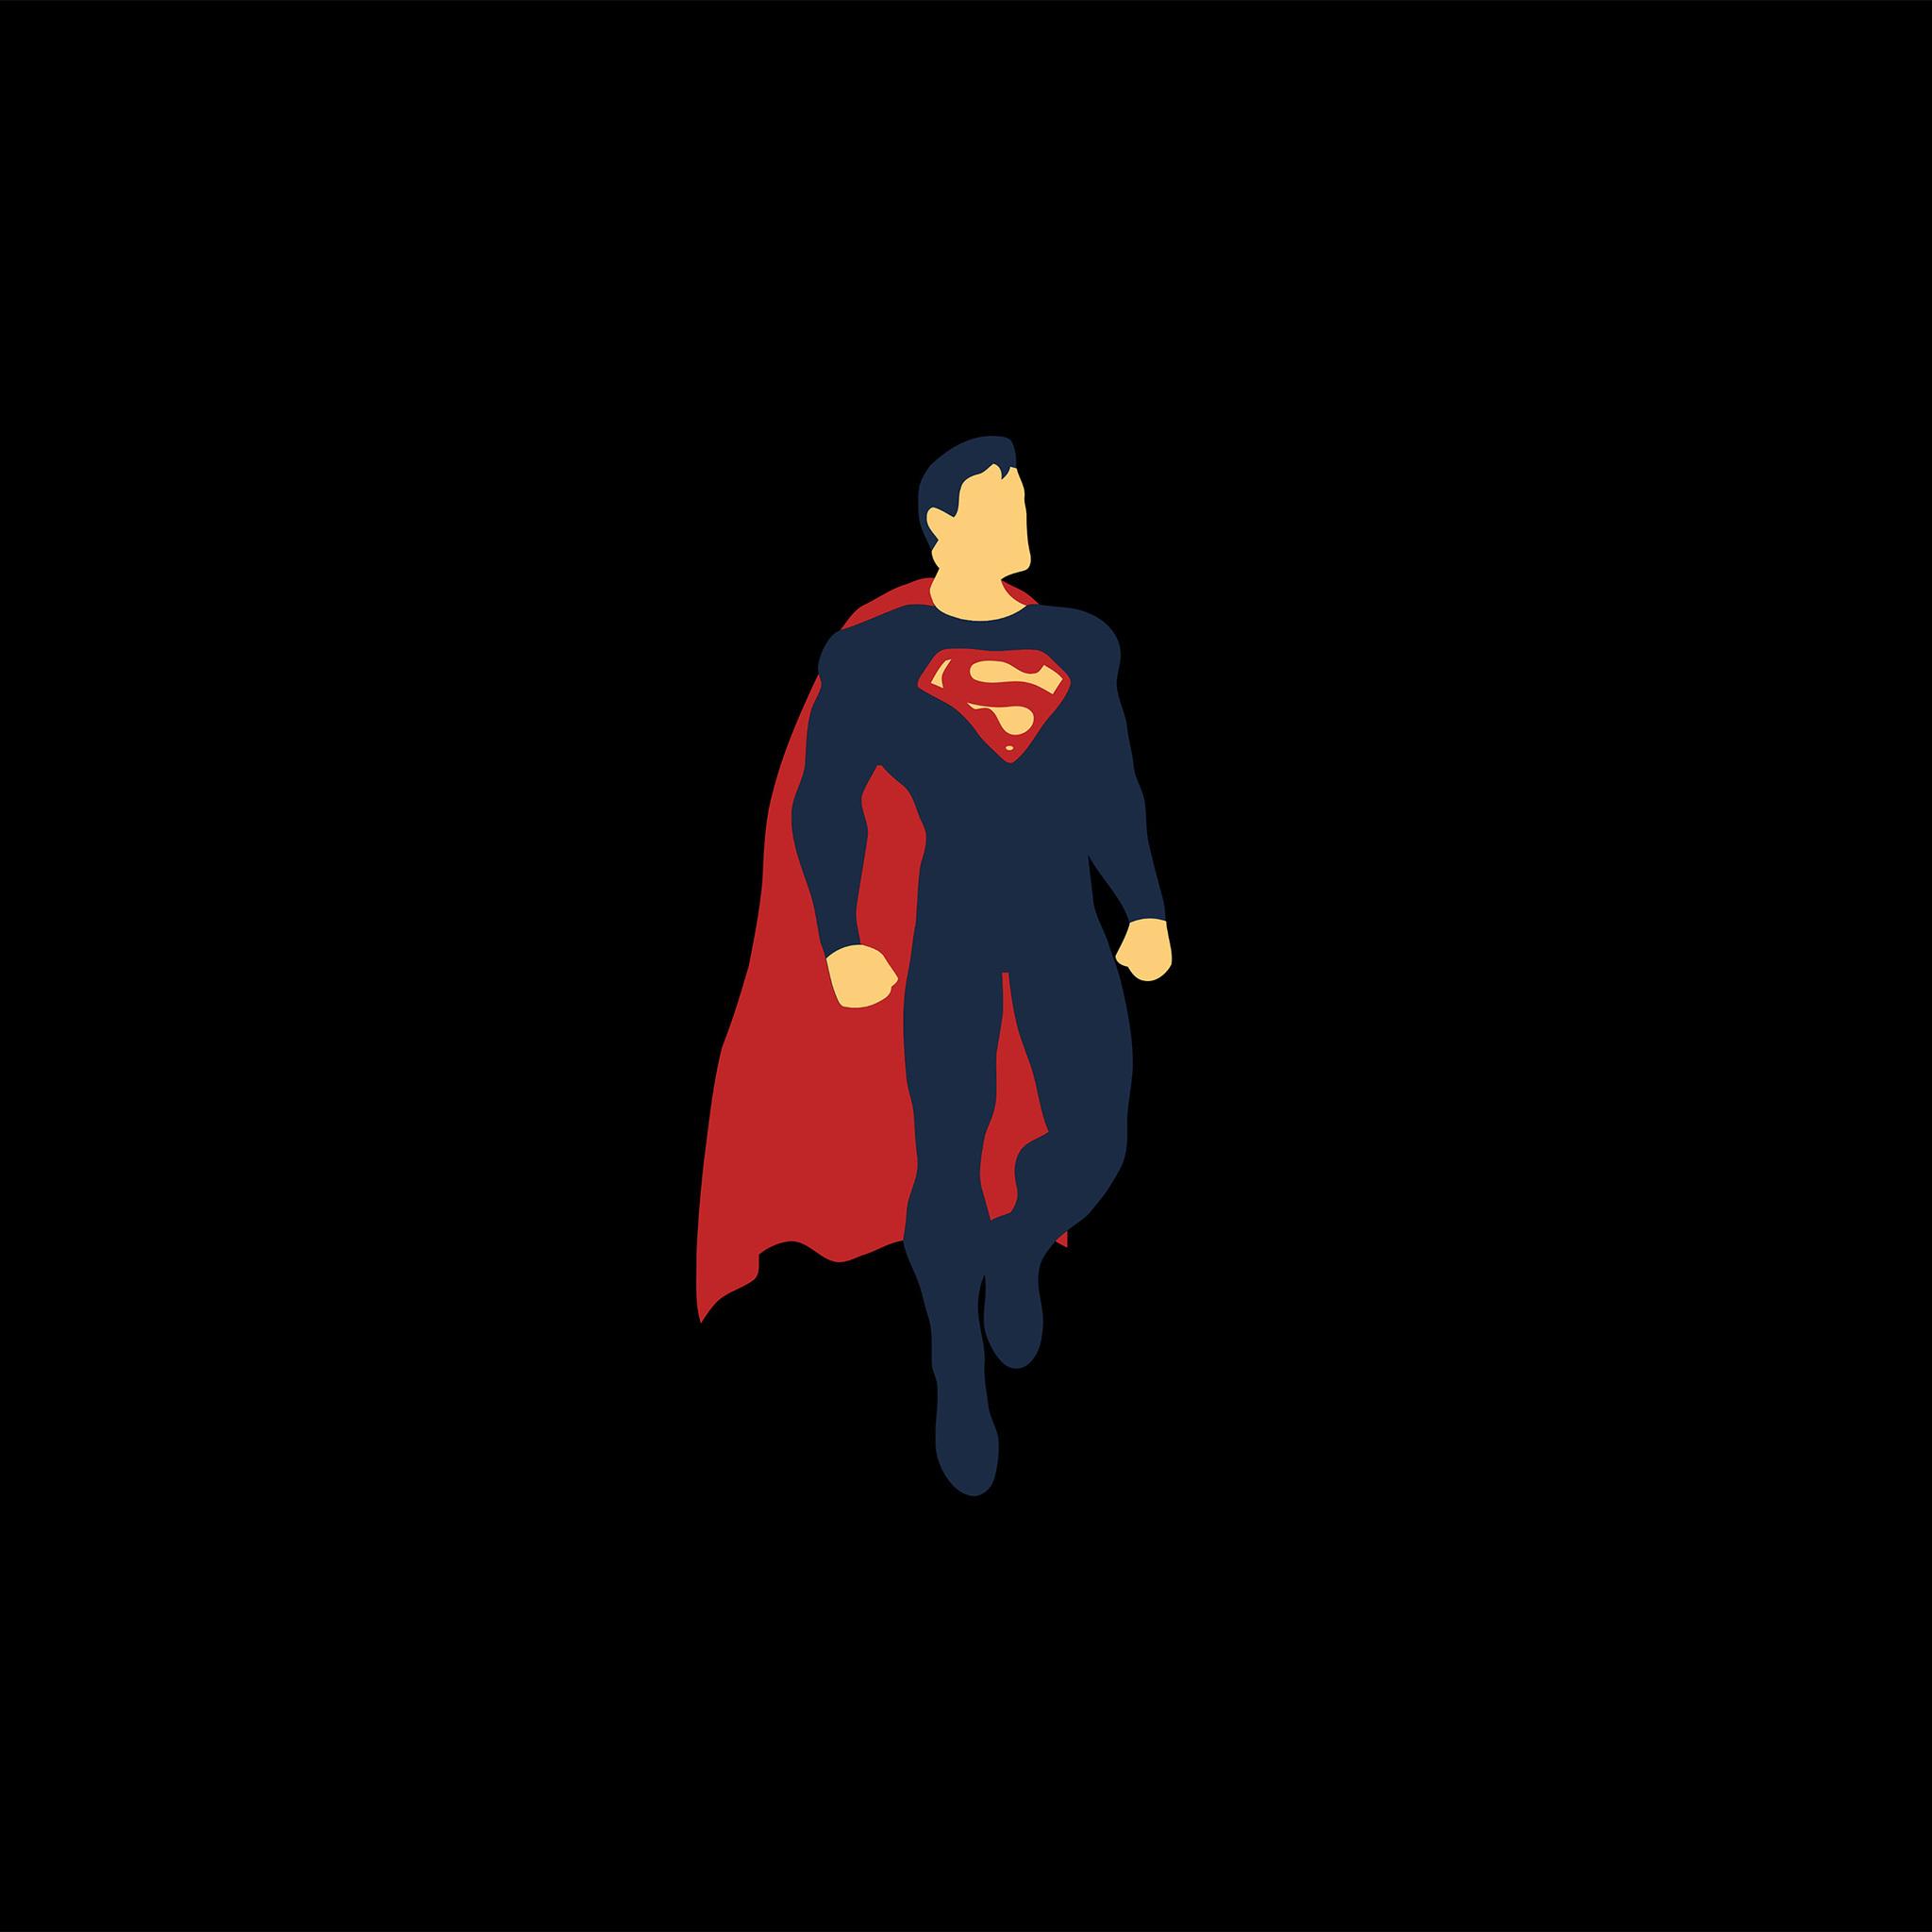 2048x2048 Superman Minimalism 4k Ipad Air HD 4k Wallpapers